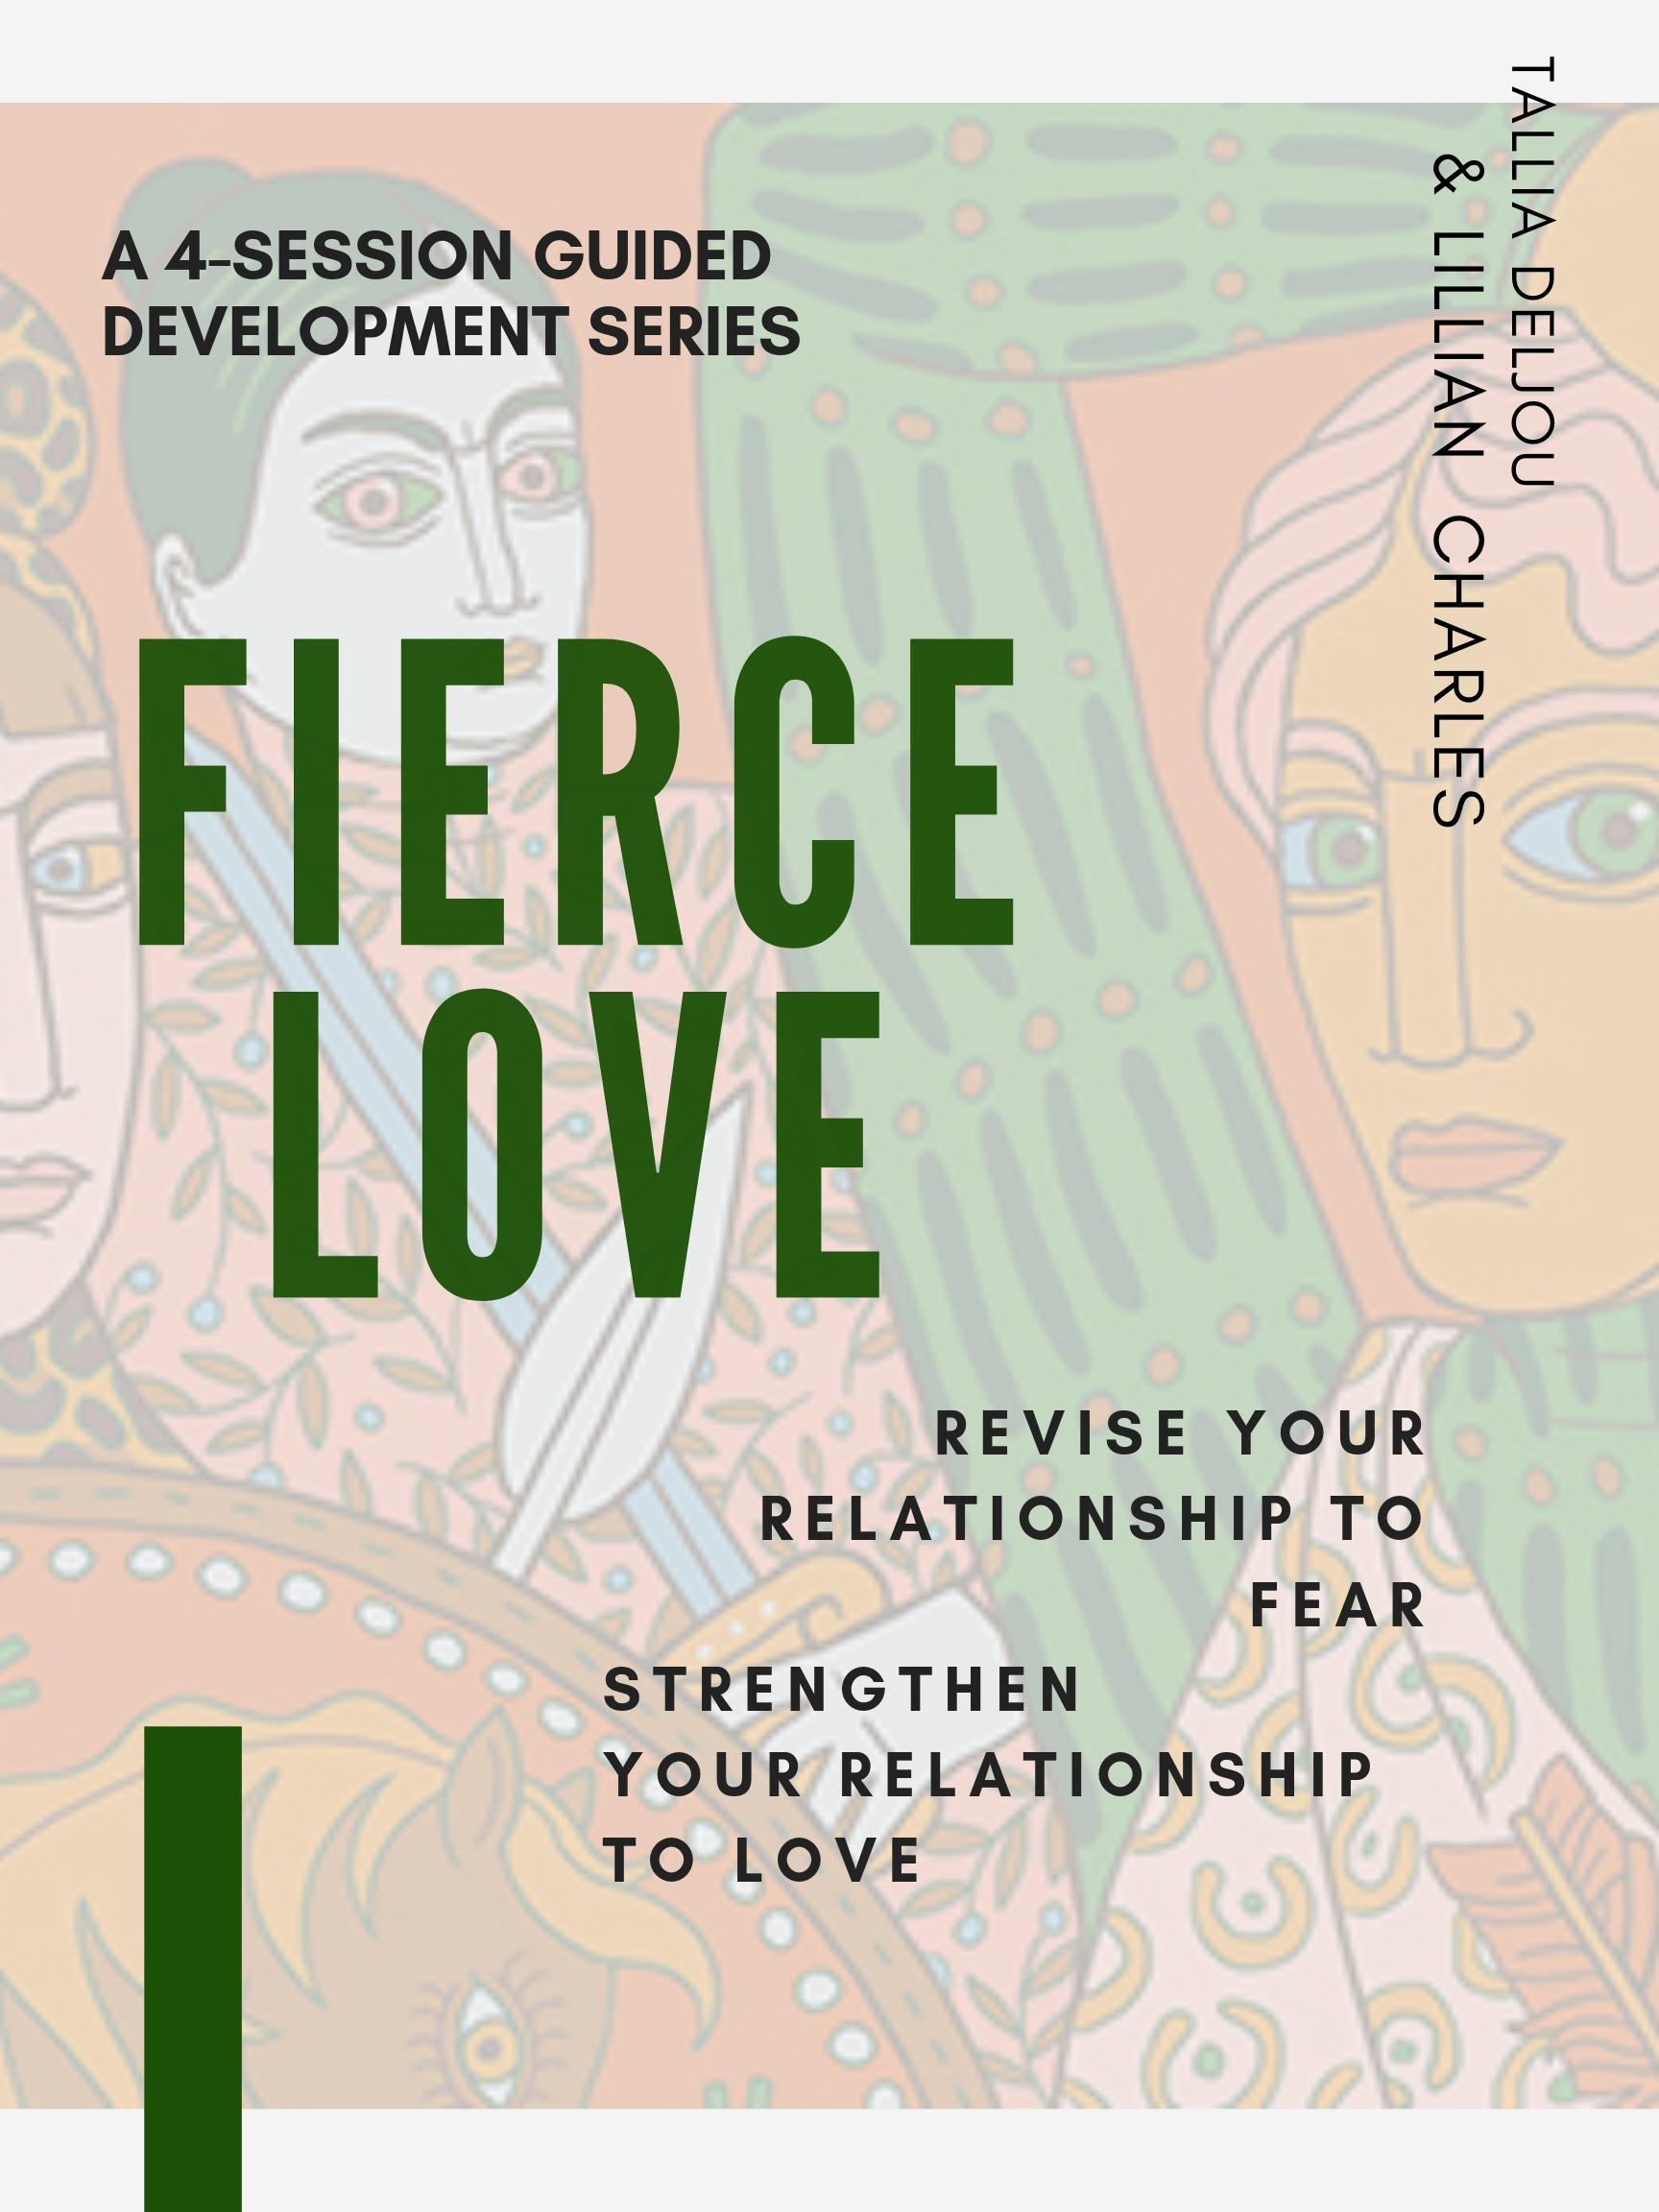 fierce love.jpg